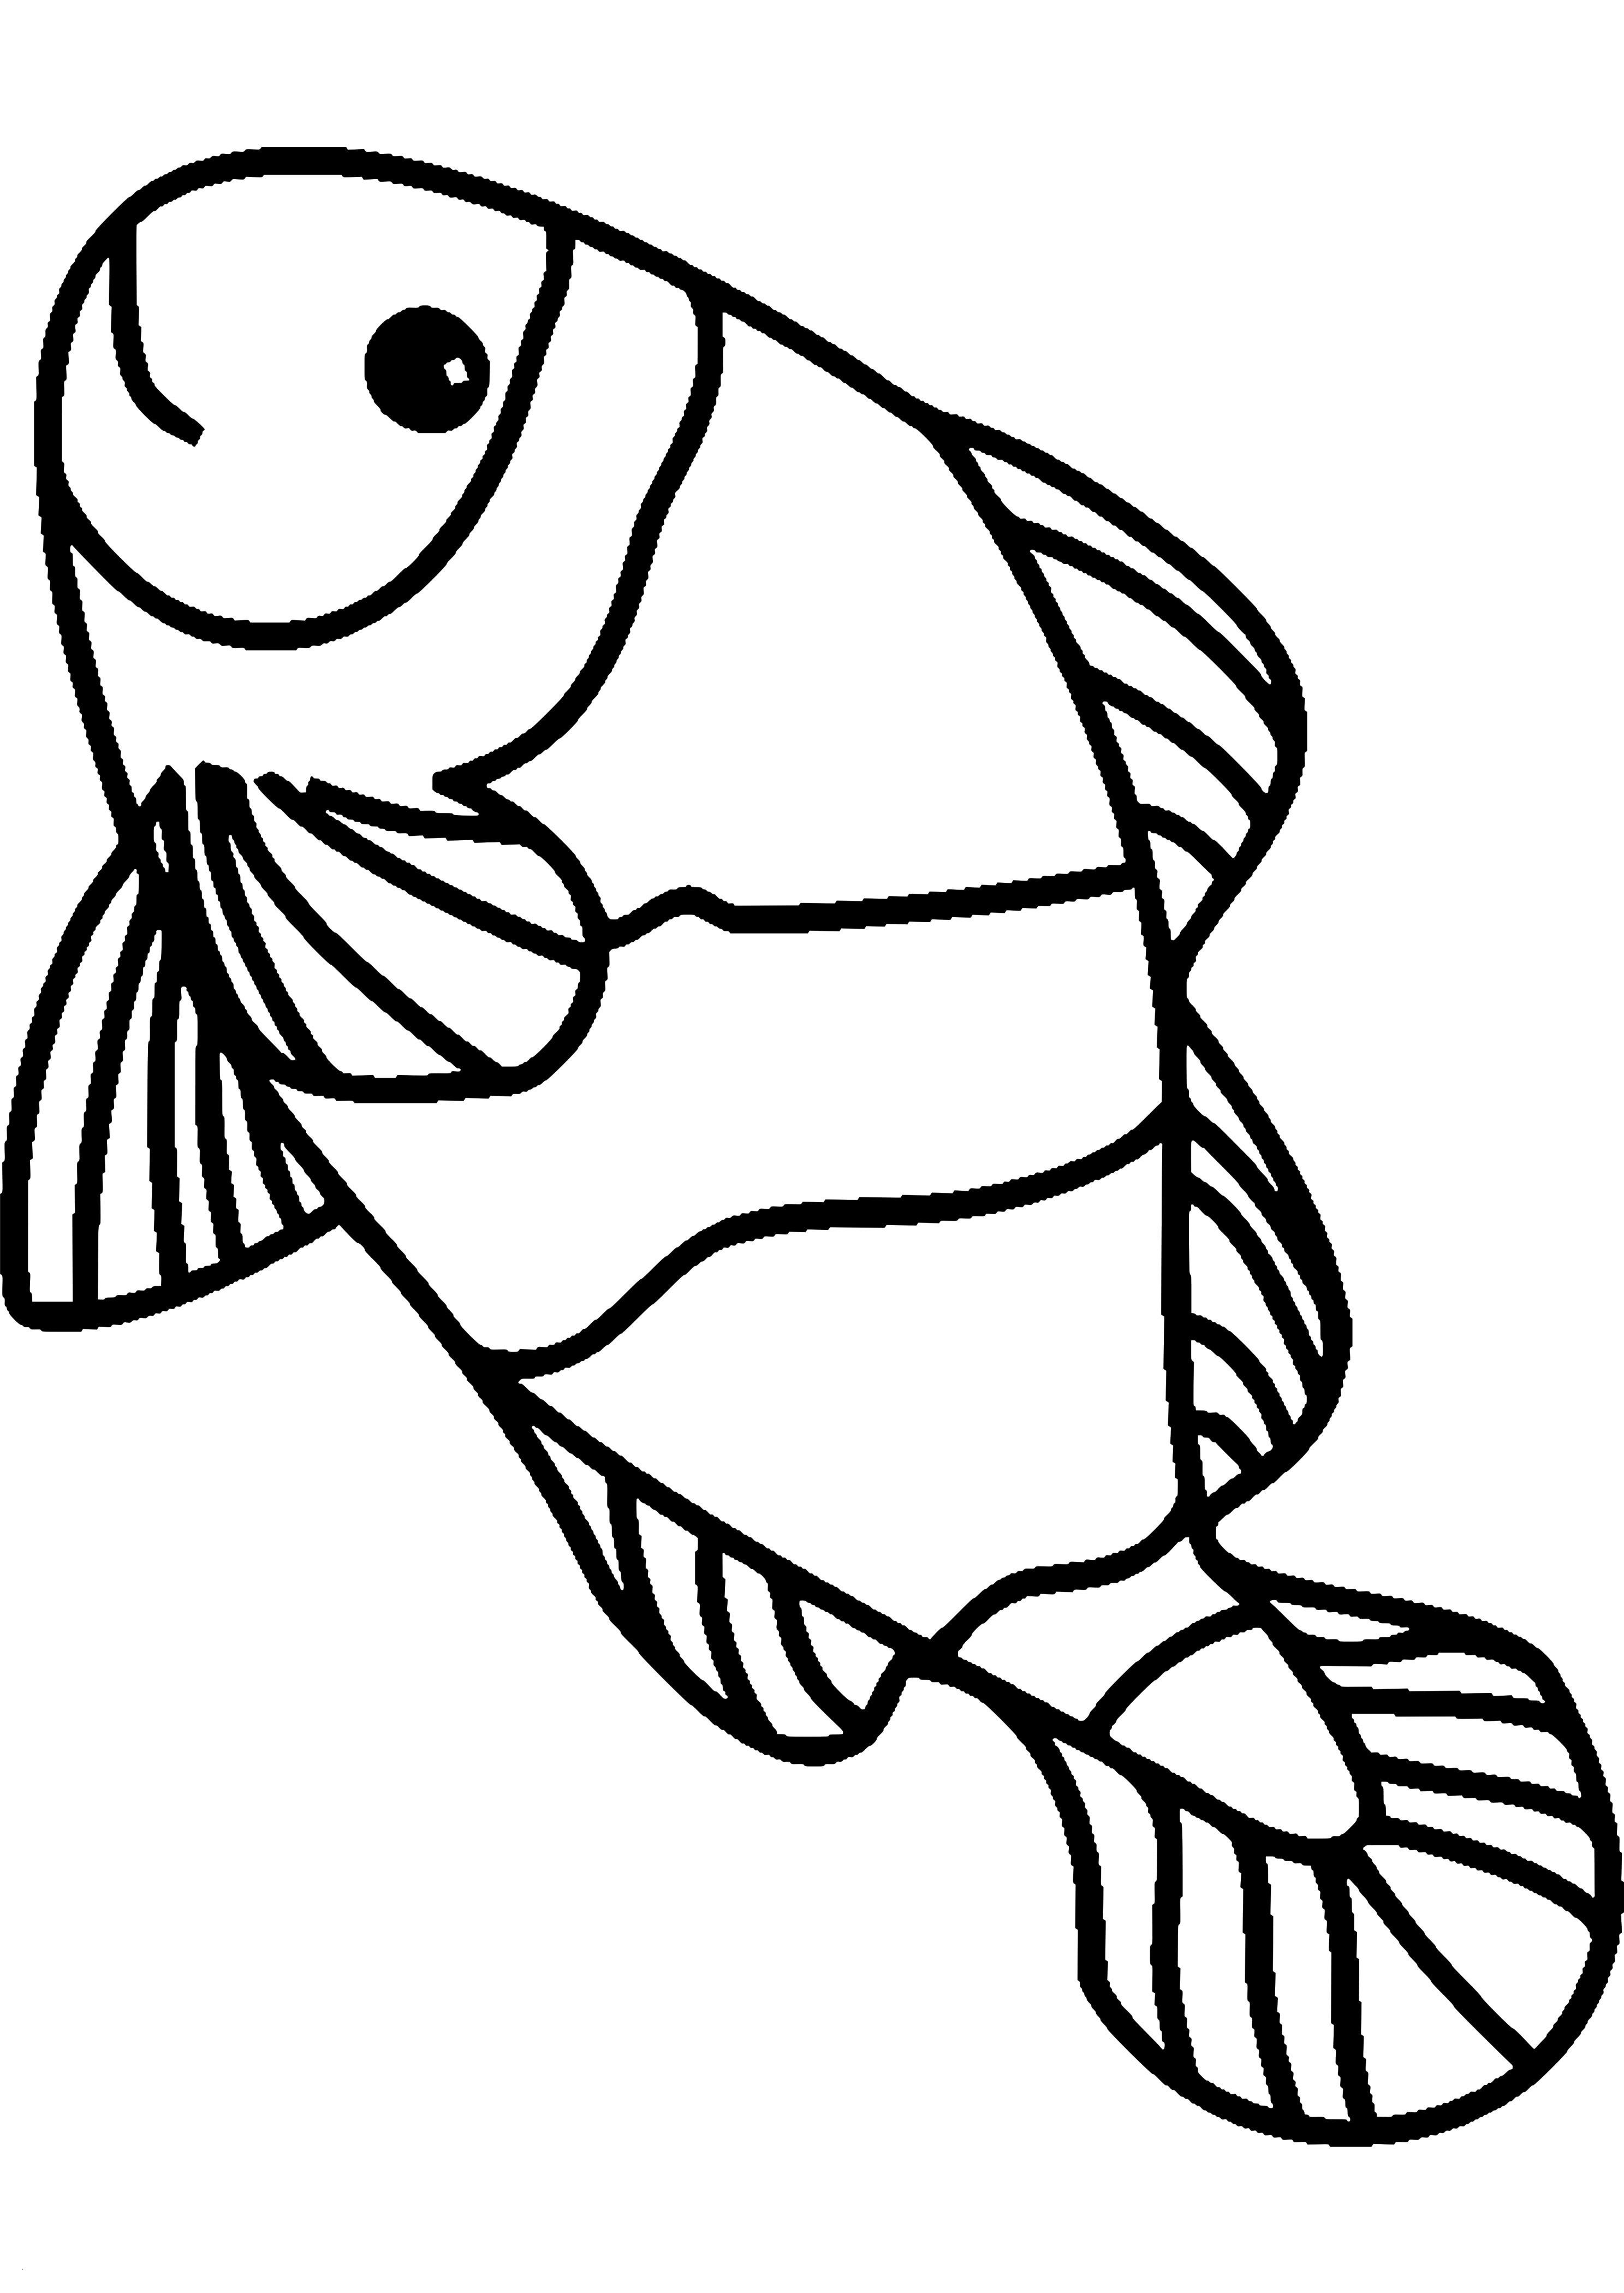 Fisch Zum Ausdrucken Das Beste Von 32 Fisch Ausmalbilder Zum Ausdrucken Scoredatscore Einzigartig Galerie